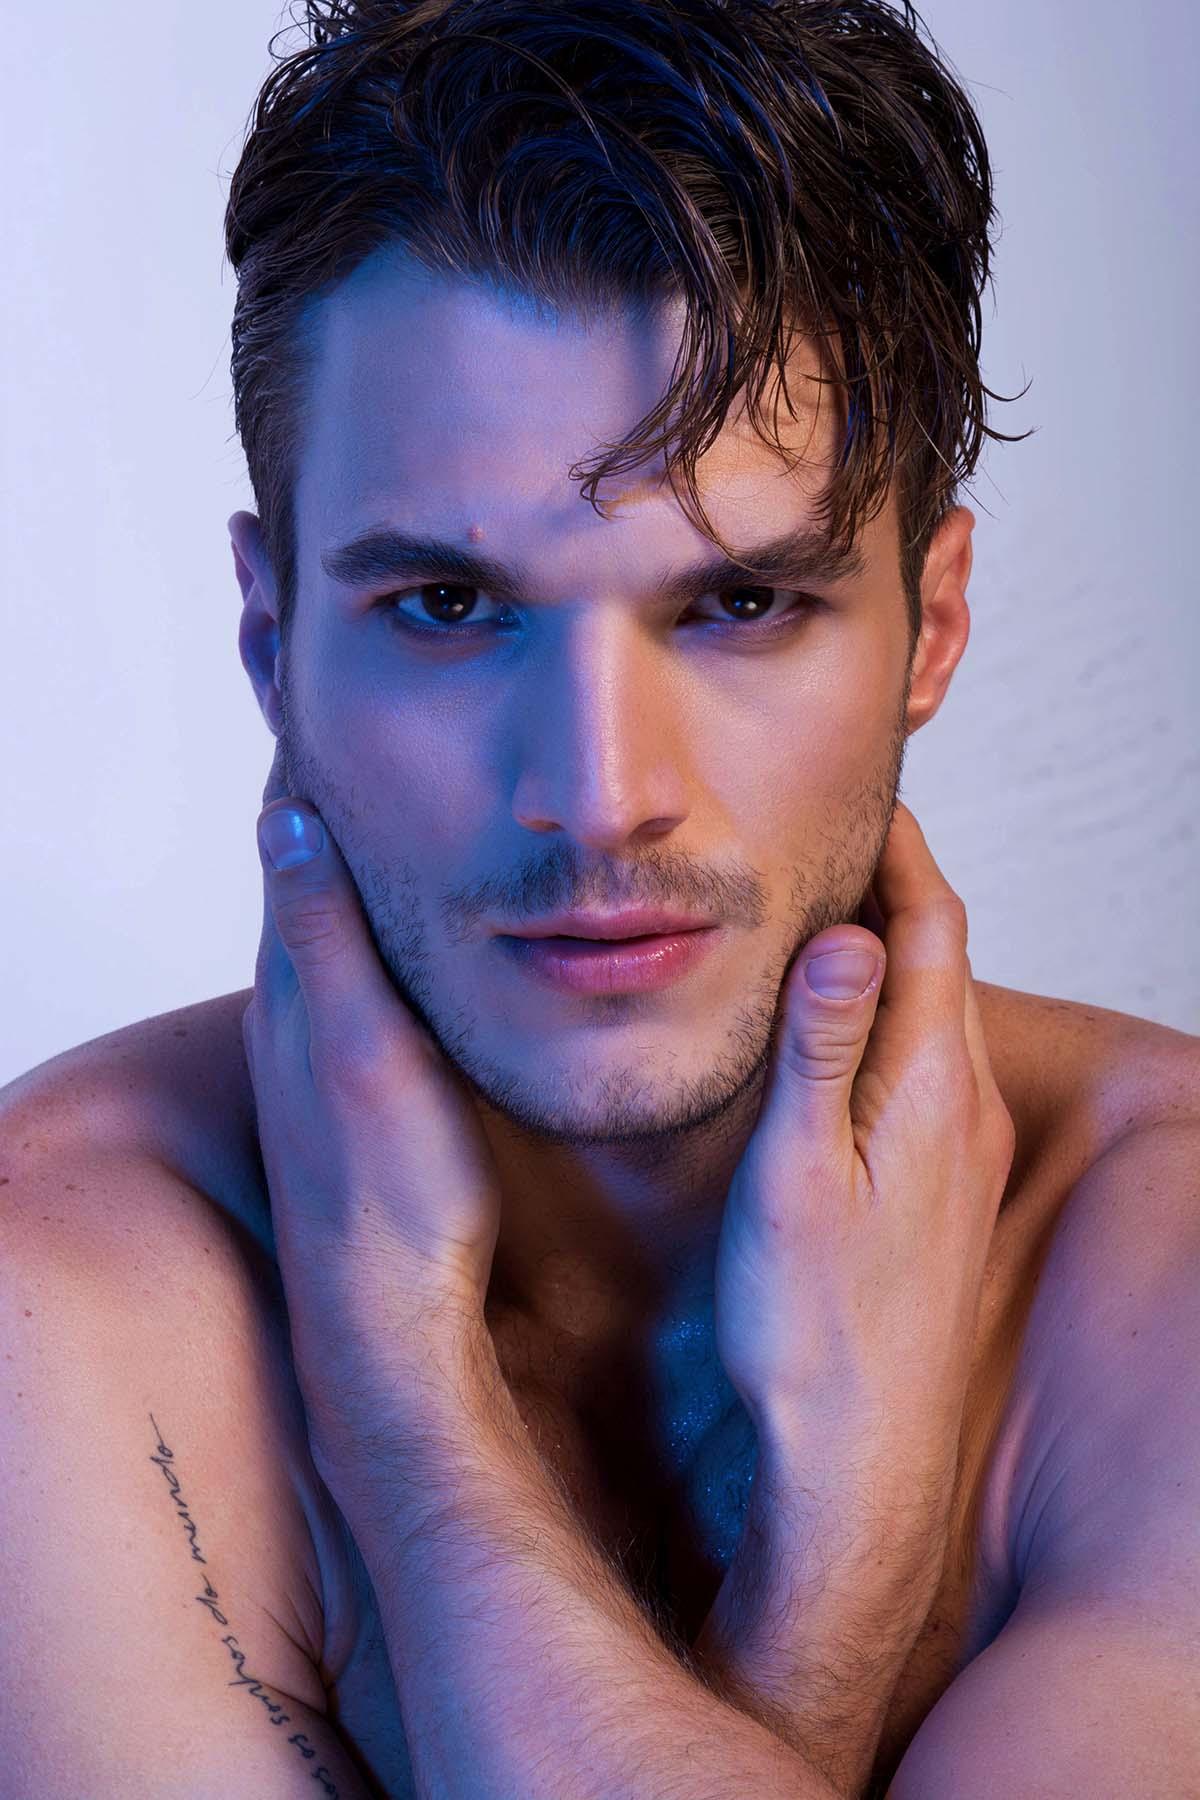 Alex Trevelin by De Macedo for Brazilian Male Model